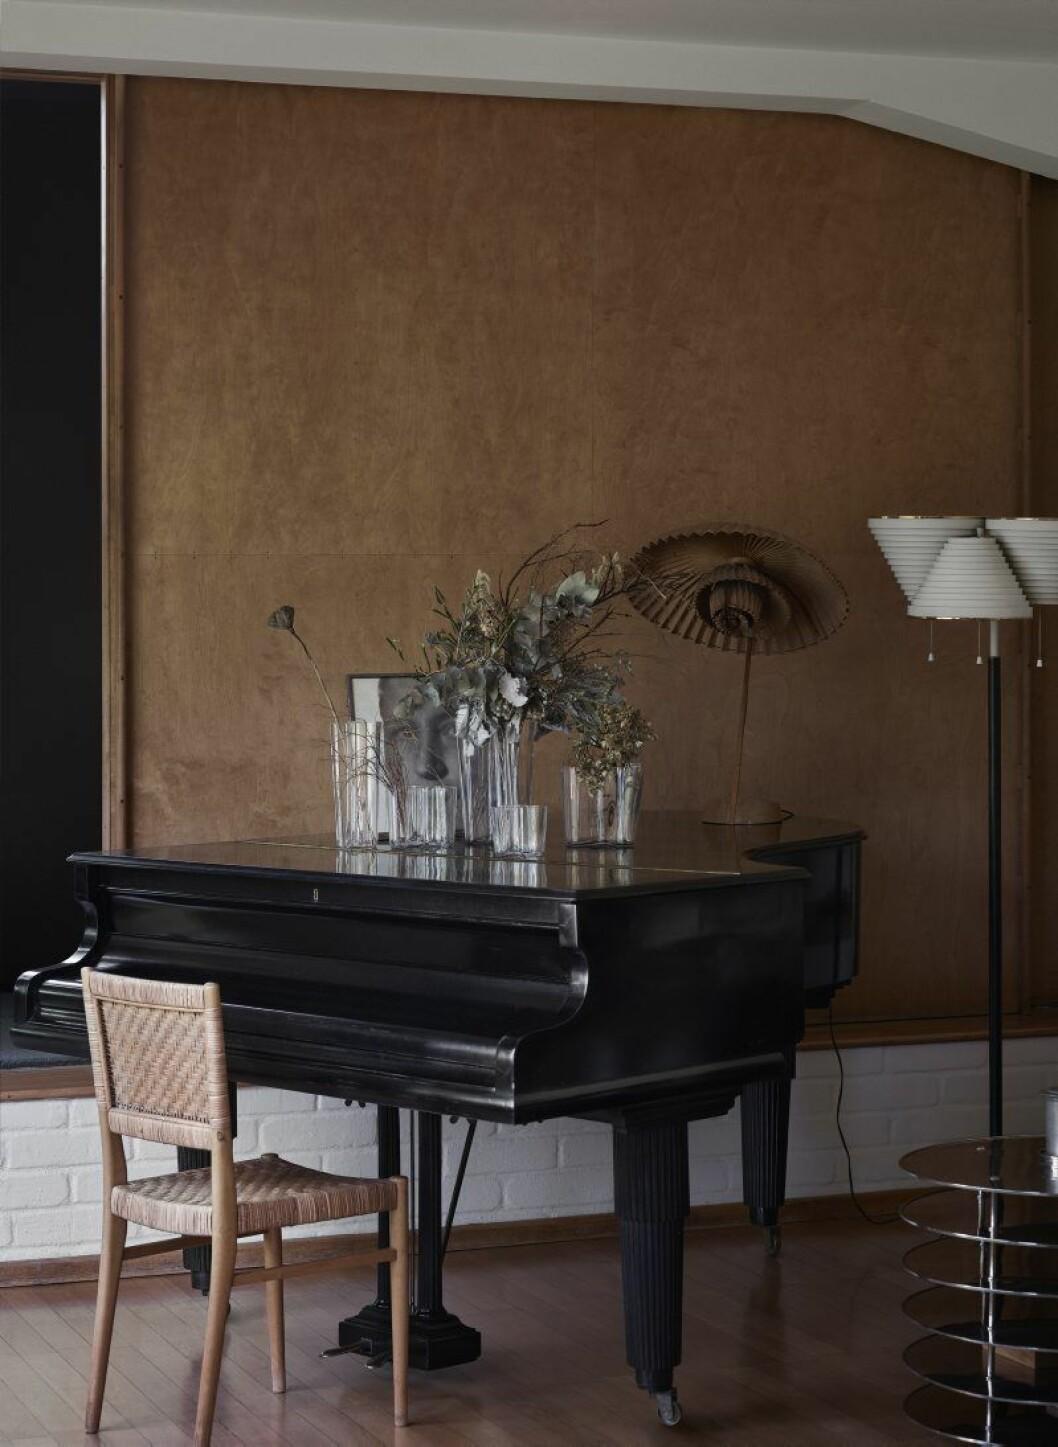 Vardagsrummet med vasen Savoy i olika storlekar på flygeln, alla Iittala. Bredvid pianot golvlampa A809, Artek. På pianot ett porträtt av Aino och en lampa av Poul Henningsen. Pianostol, Aalto. Bordet är en prototyp från 1929.